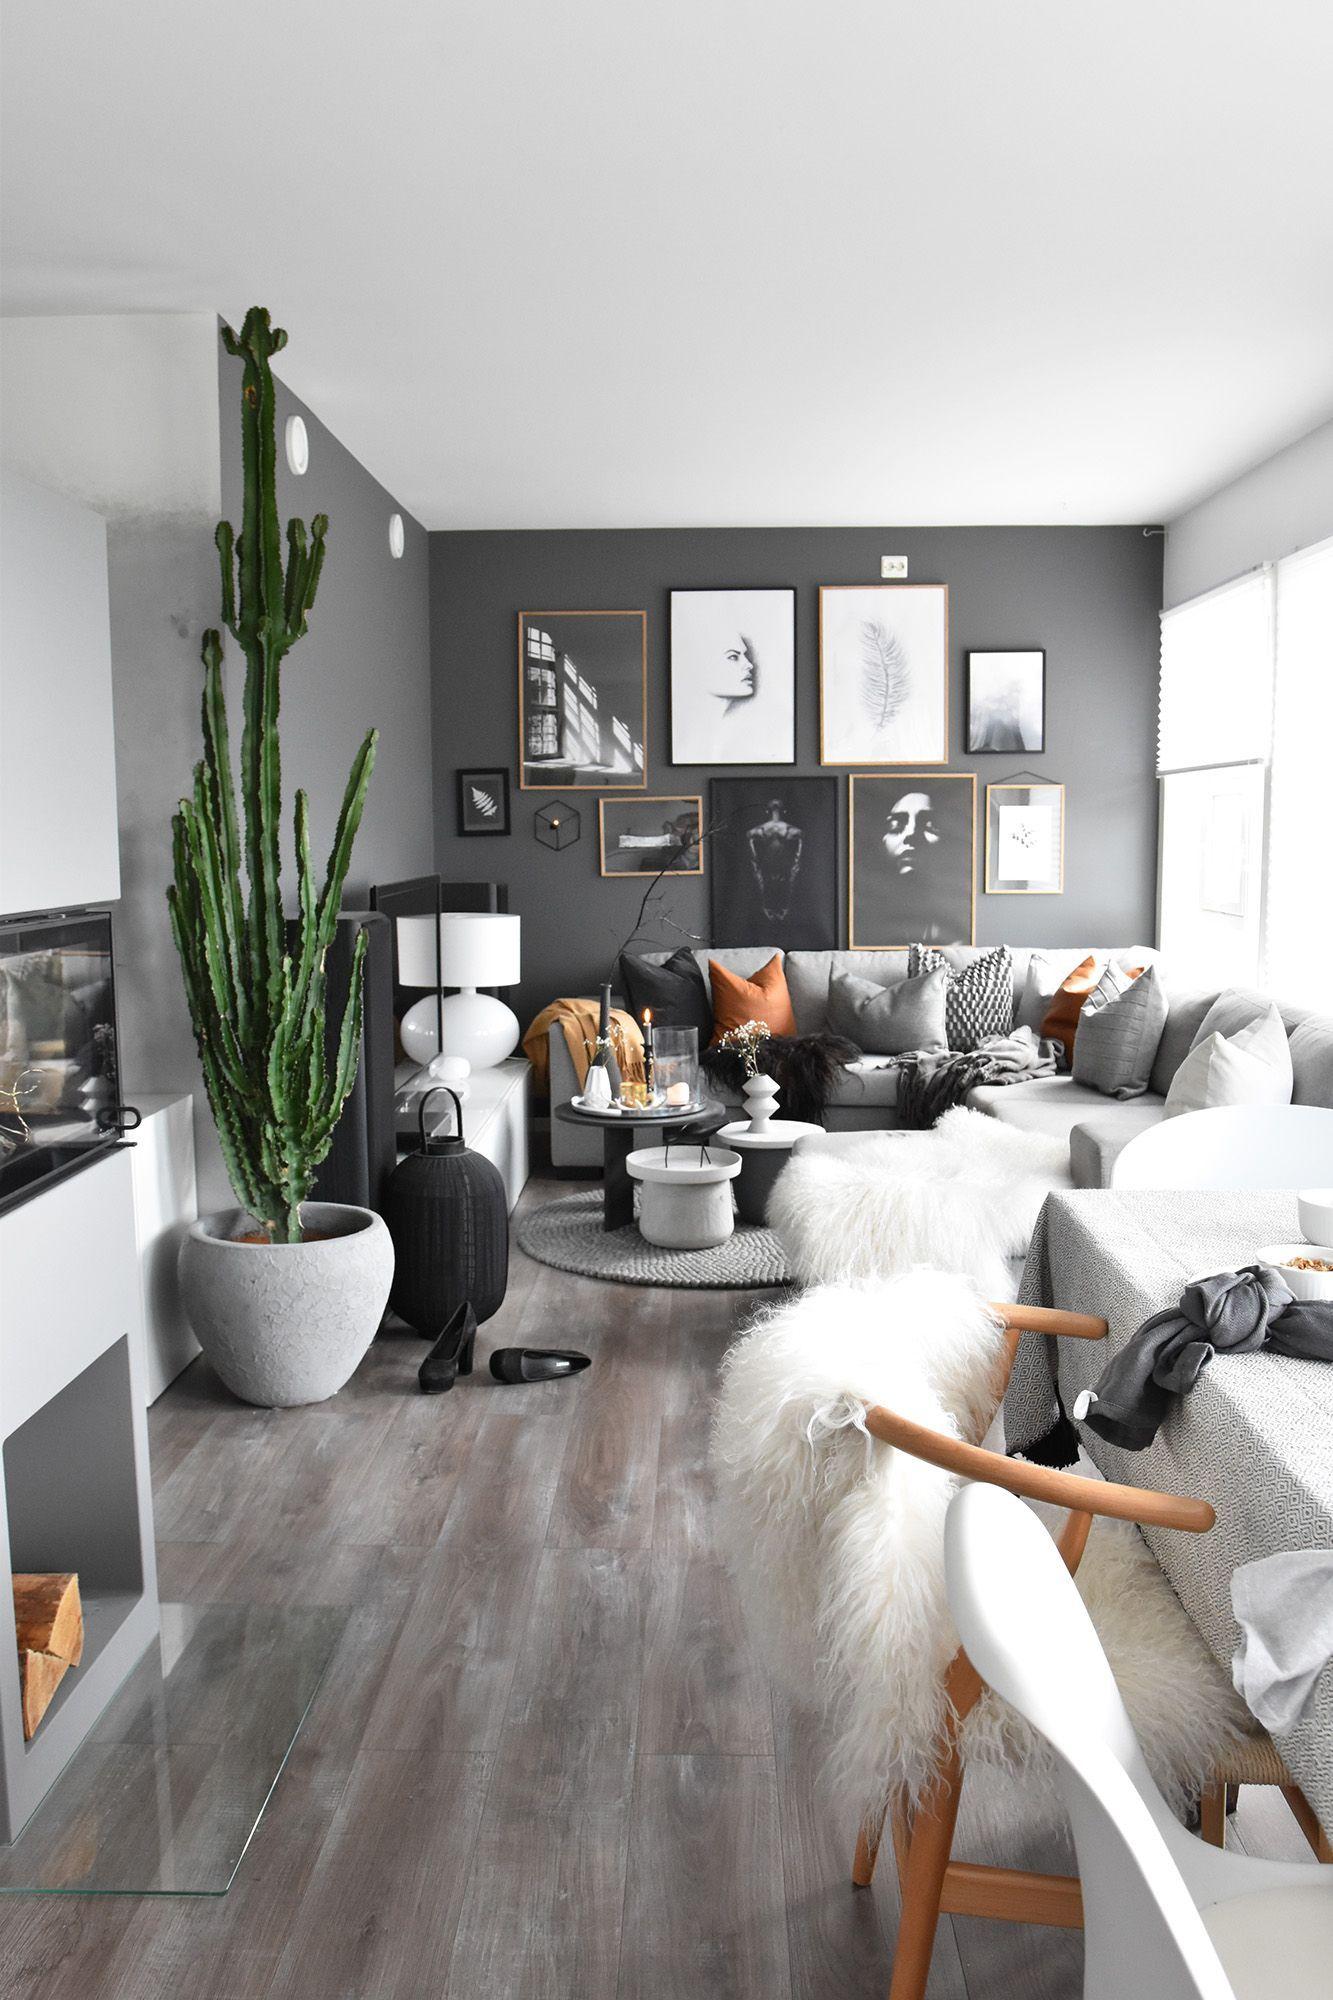 Creative and Beautiful Cactus Room Decor  Déco salon, Idee salon